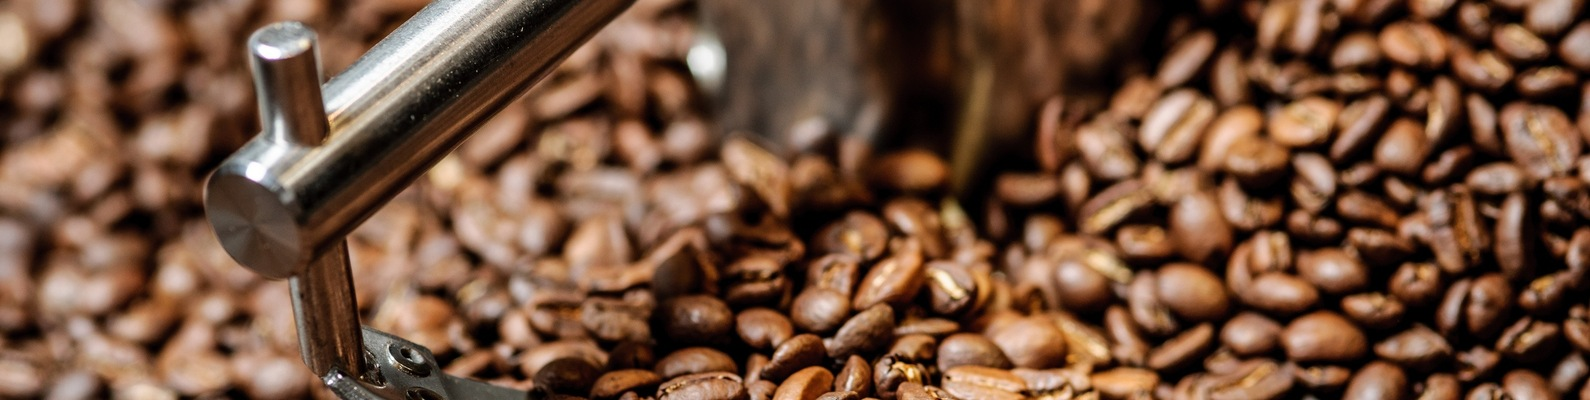 Колумбийский кофе в зернах купить в москве